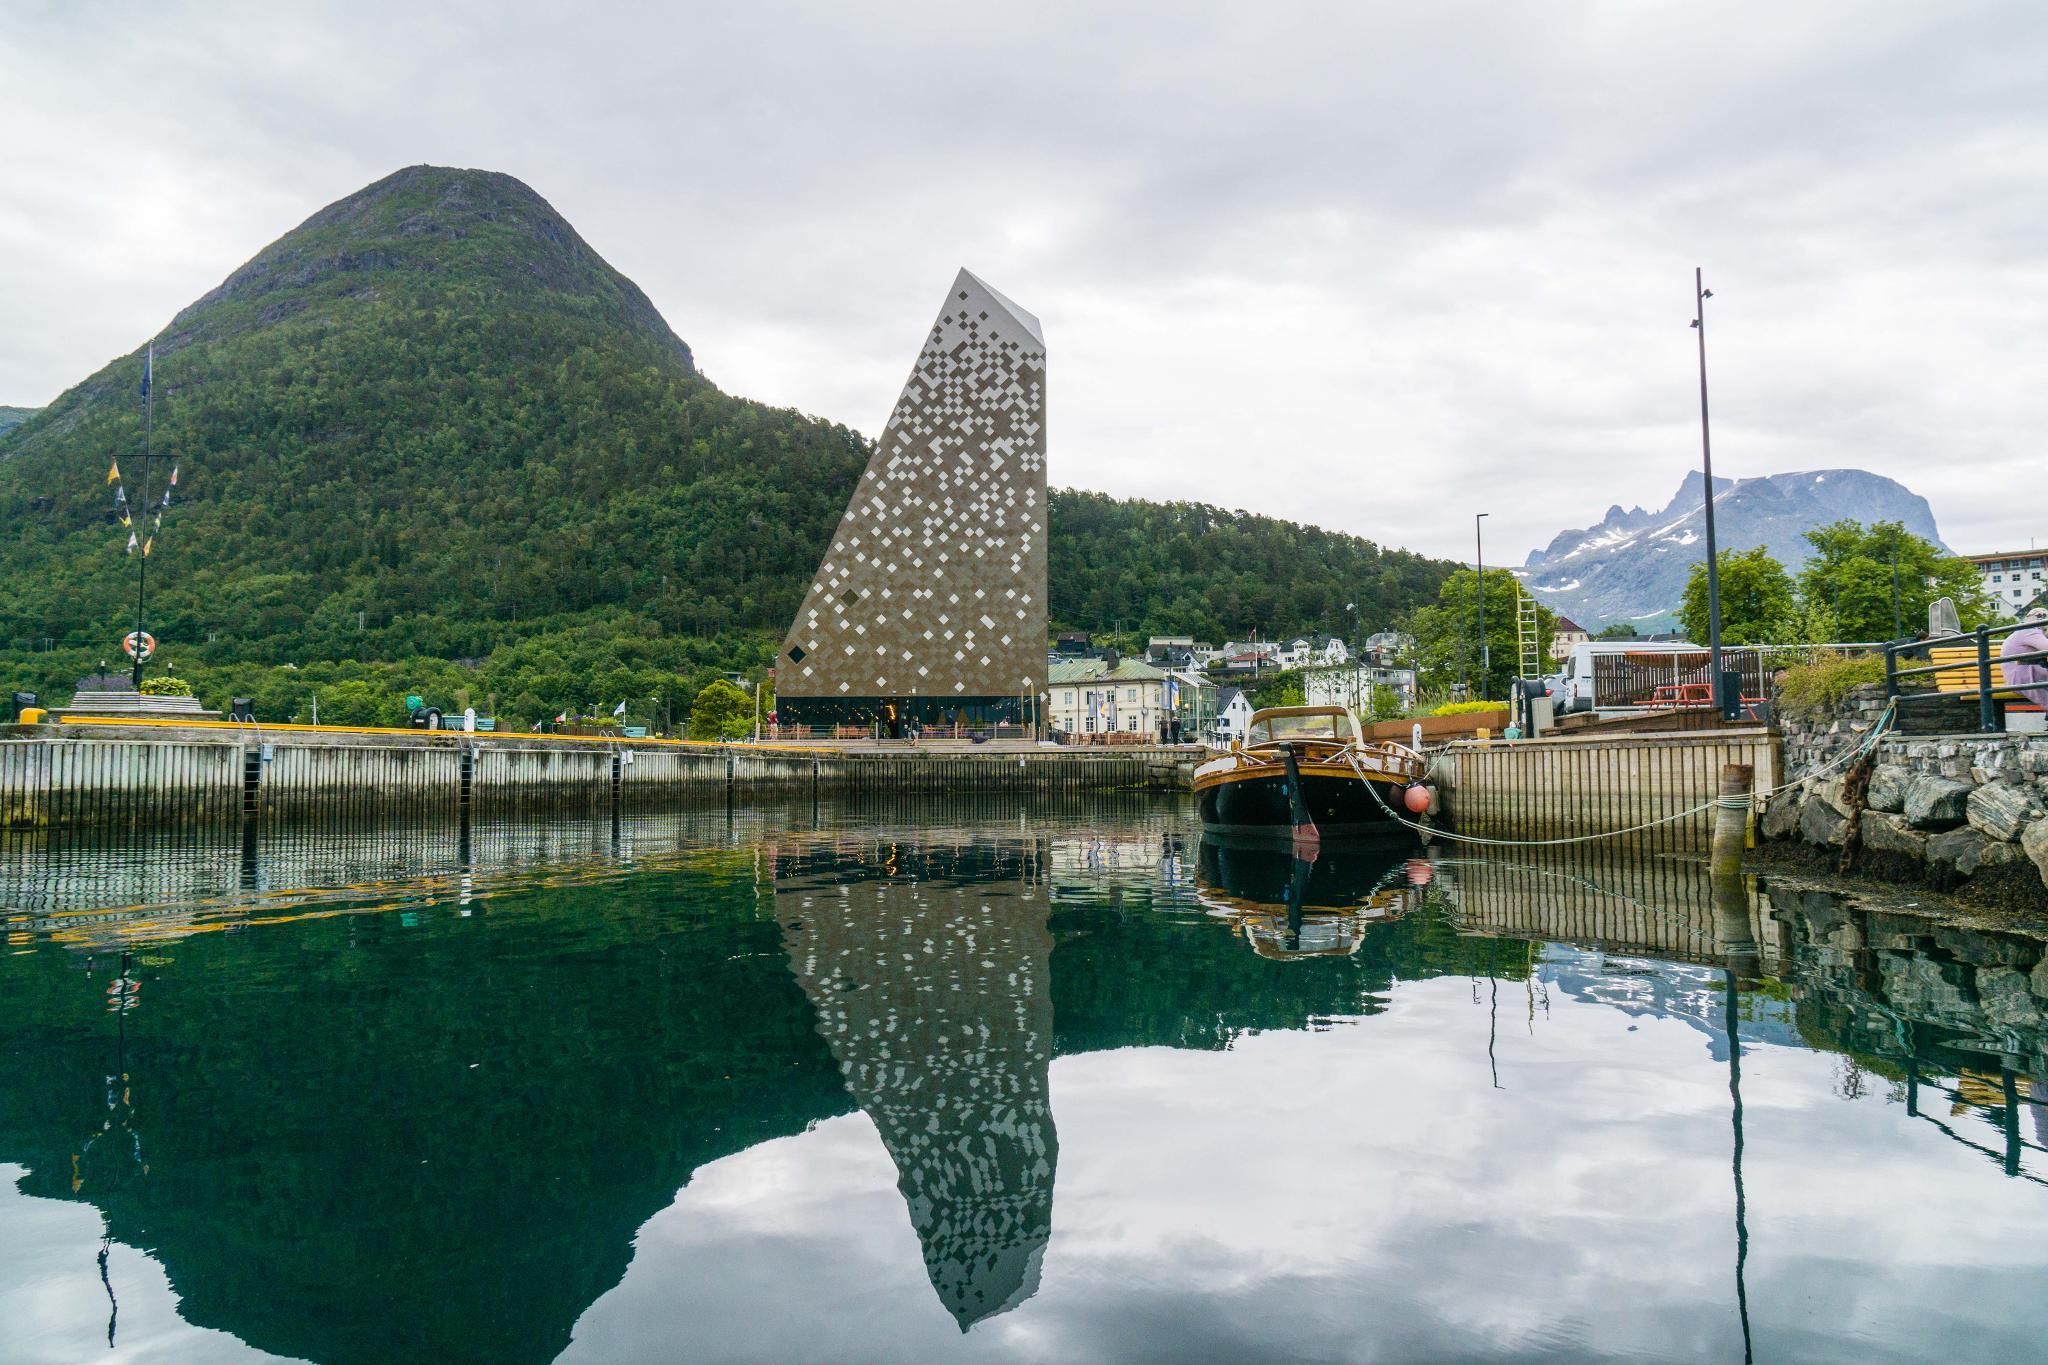 【北歐景點】峽灣區起點Åndalsnes健行 - 鳥瞰峽灣全景的Rampestreken觀景台 43